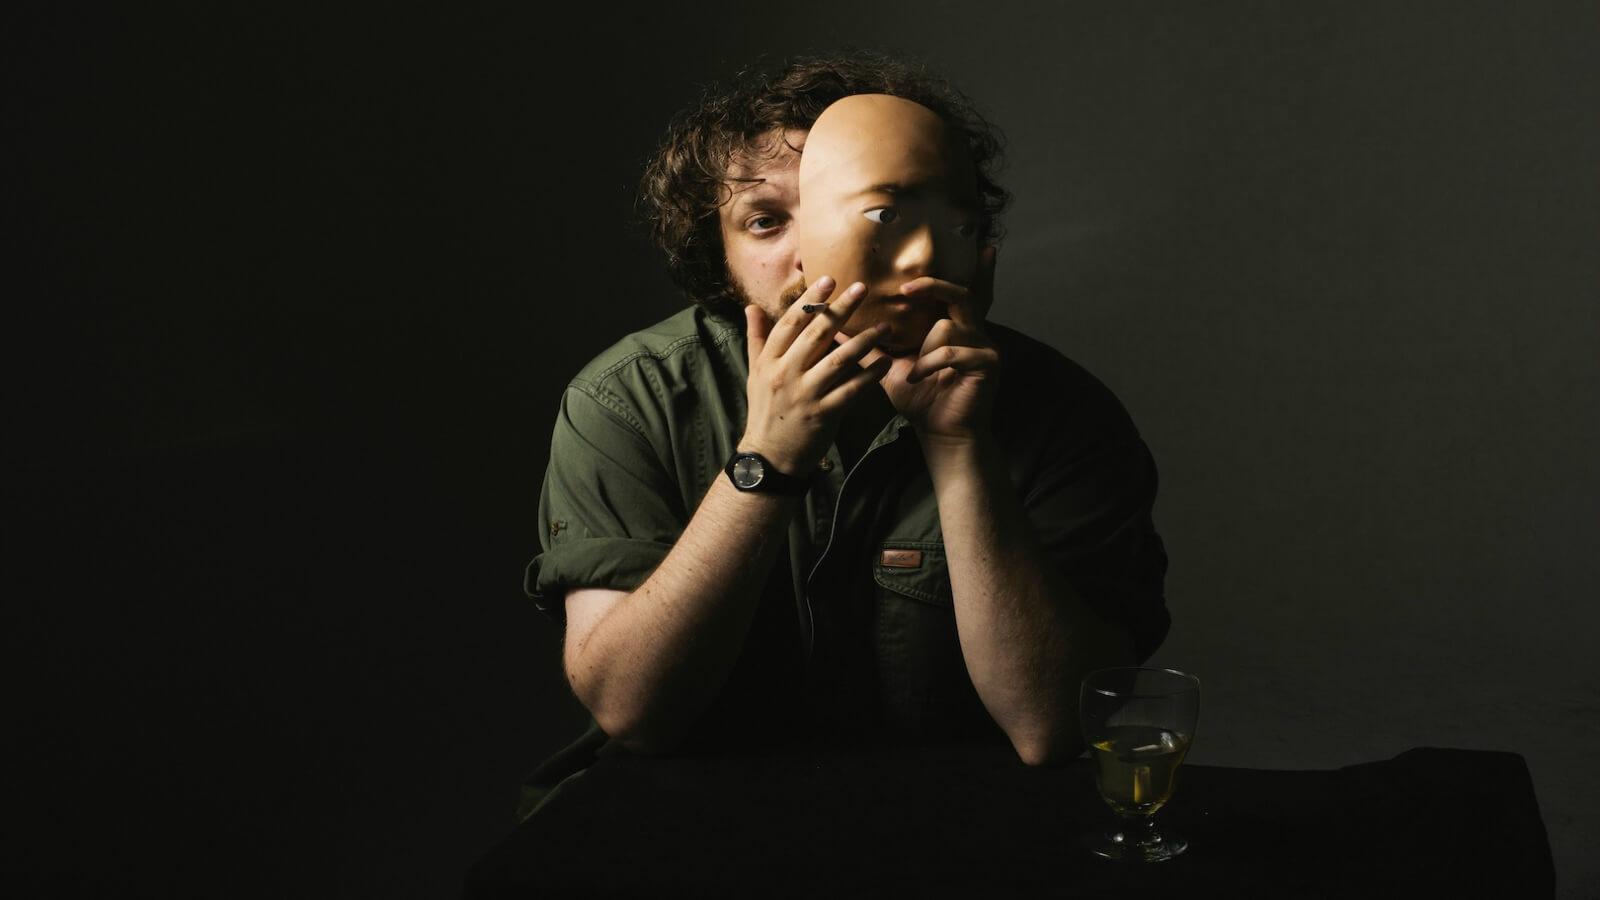 El músico de Brooklyn que está marcando tendencia en el cine